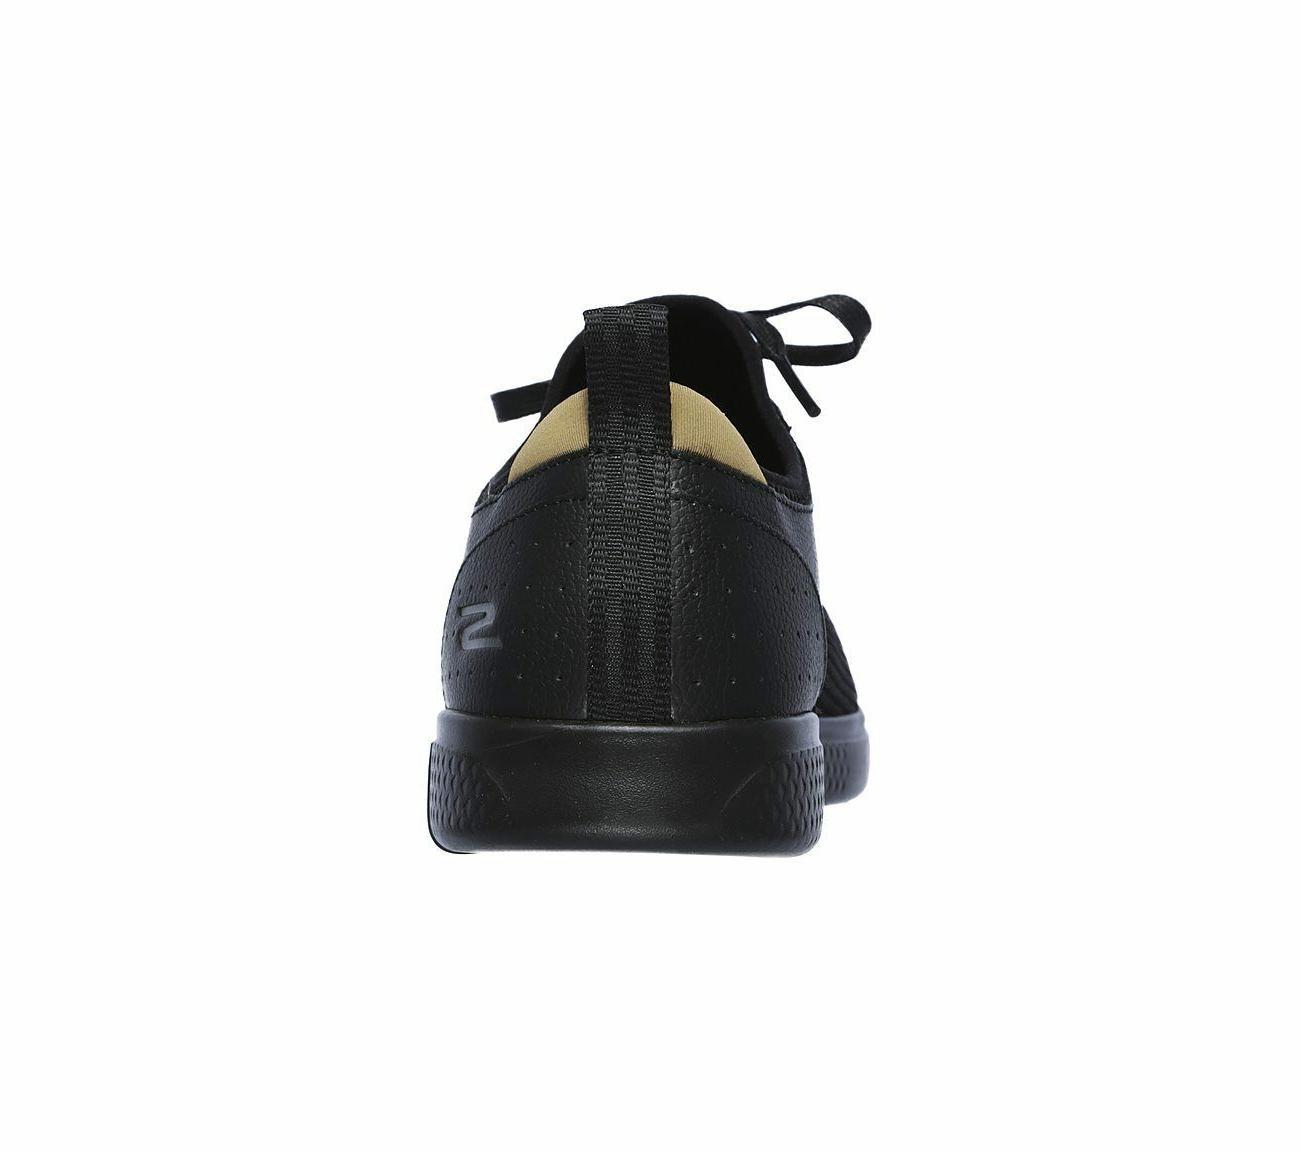 55461 Black Skechers Men Glide Sporty Dress